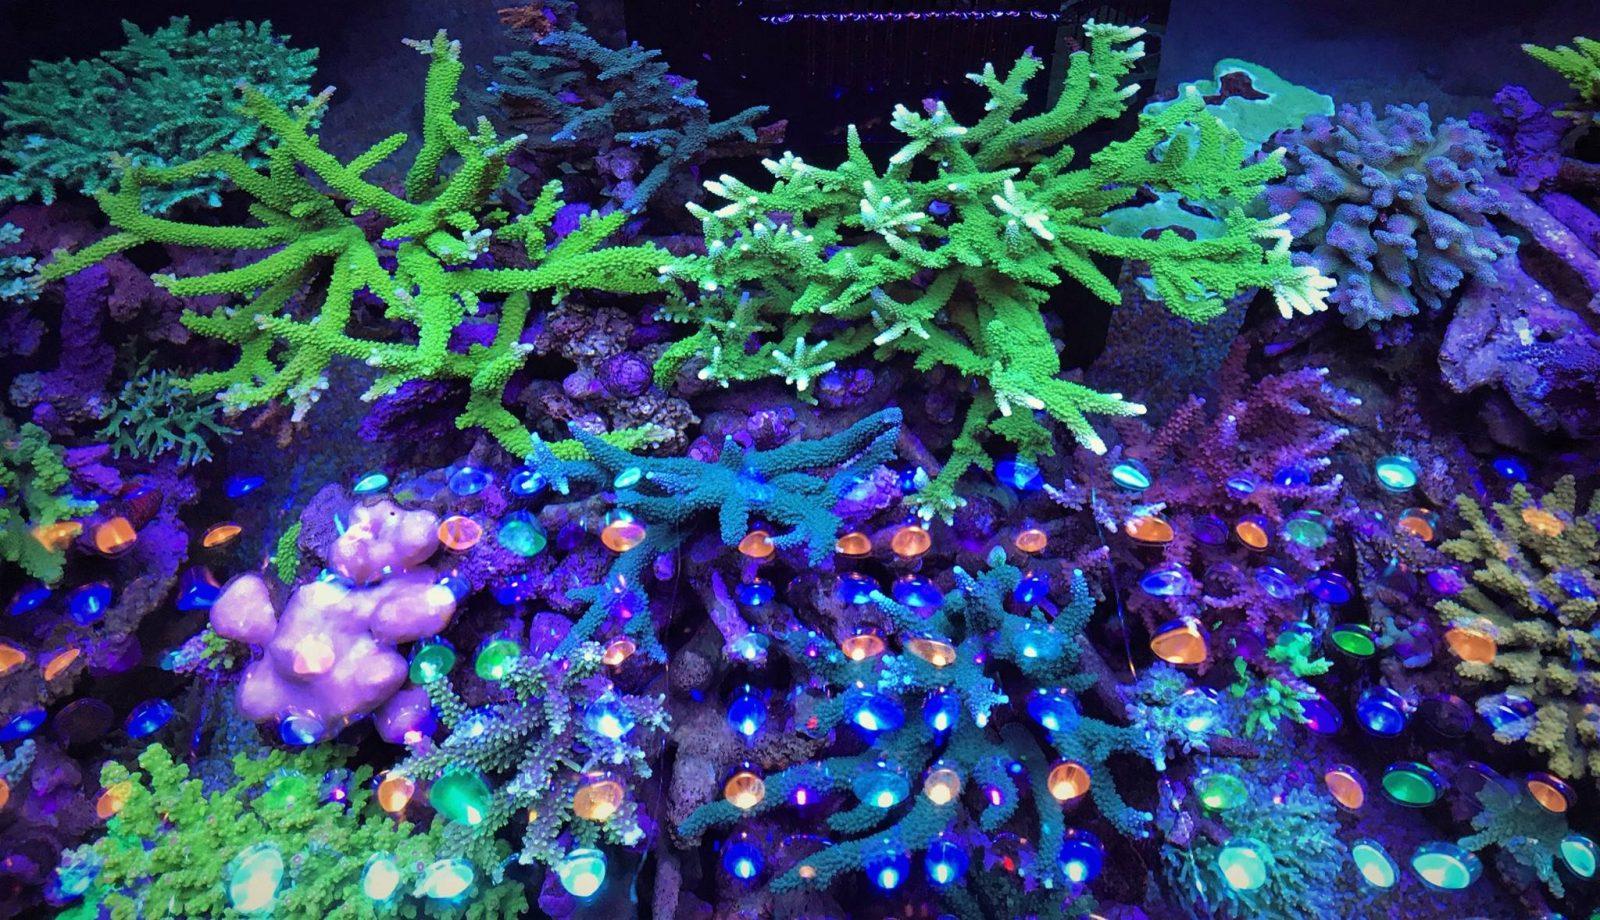 melhor crescimento de coral conduziu a iluminação 2020